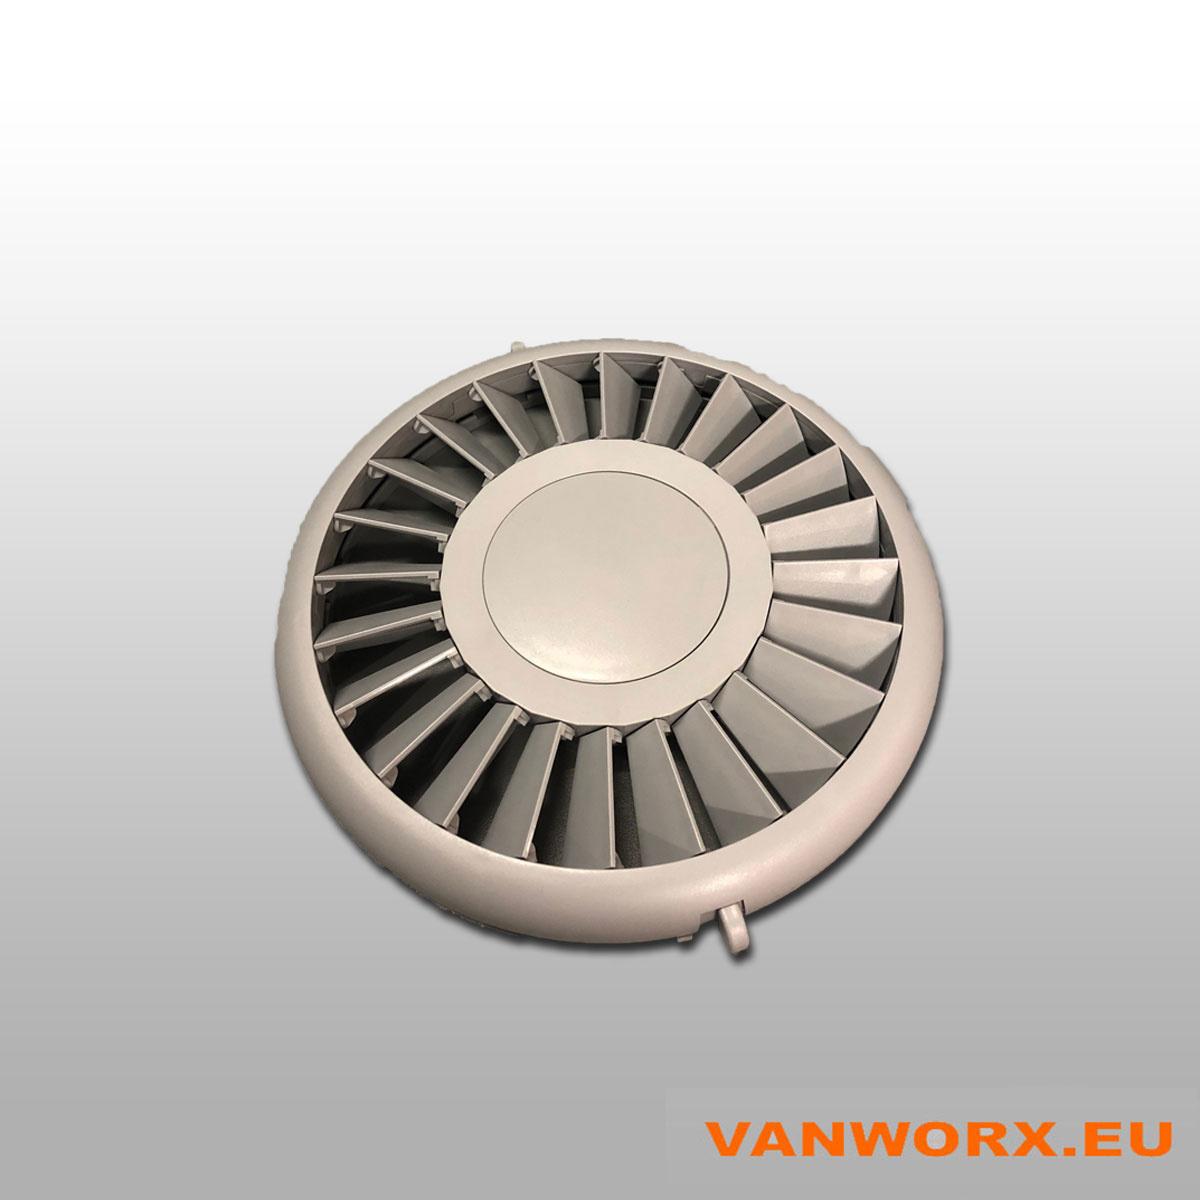 Sluitbaar ventilatierooster Luxe Ø280 mm